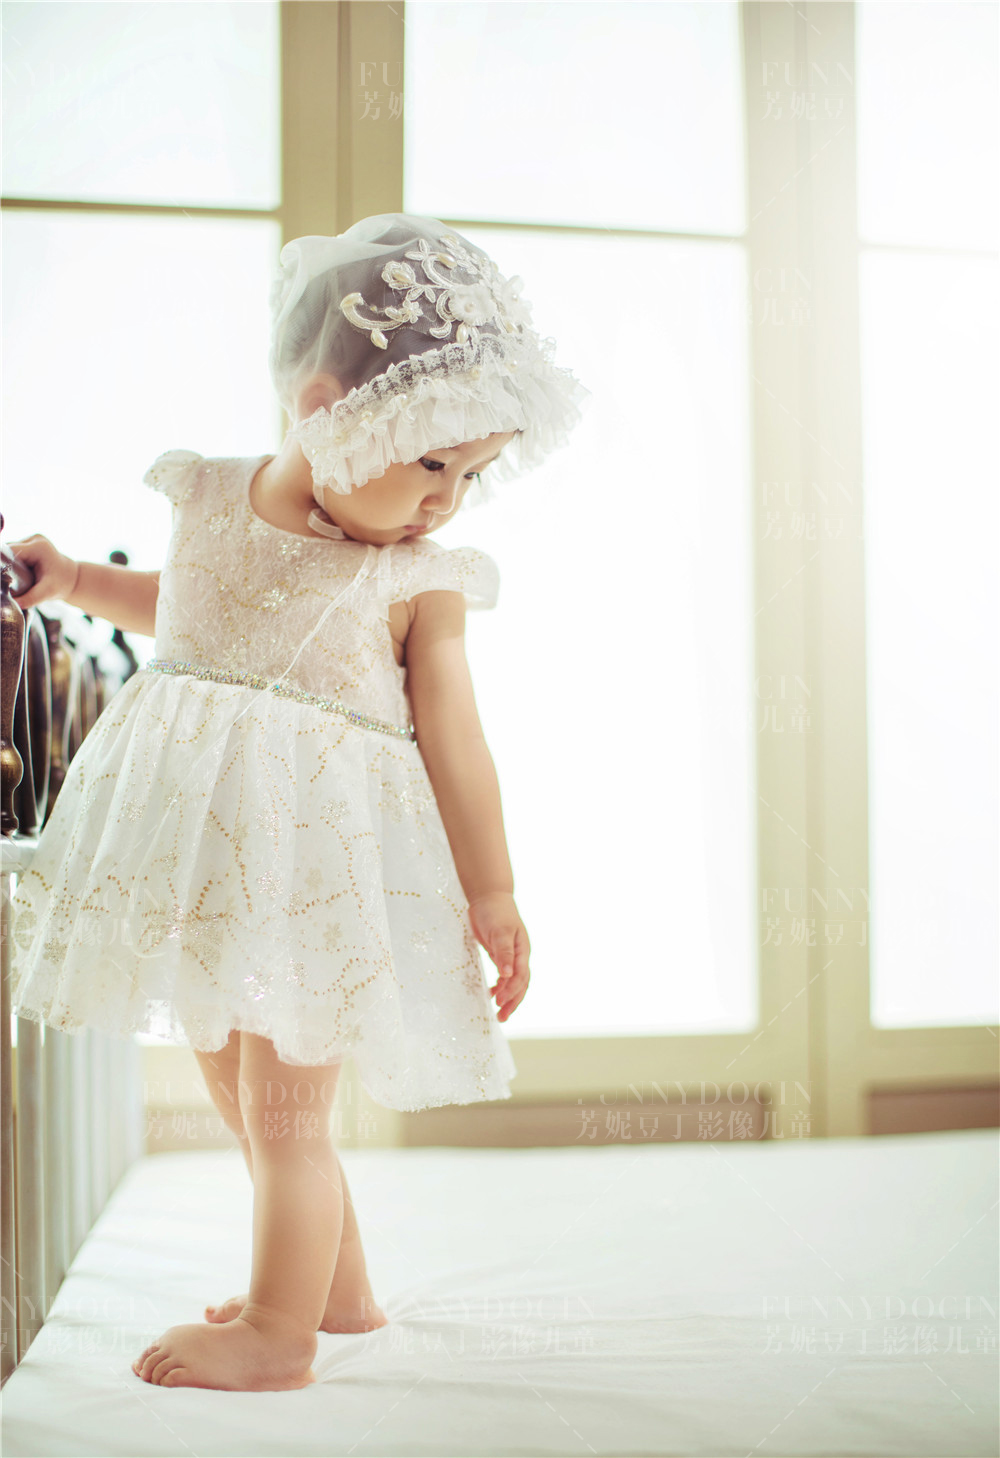 芳妮豆丁儿童摄影 有你超甜